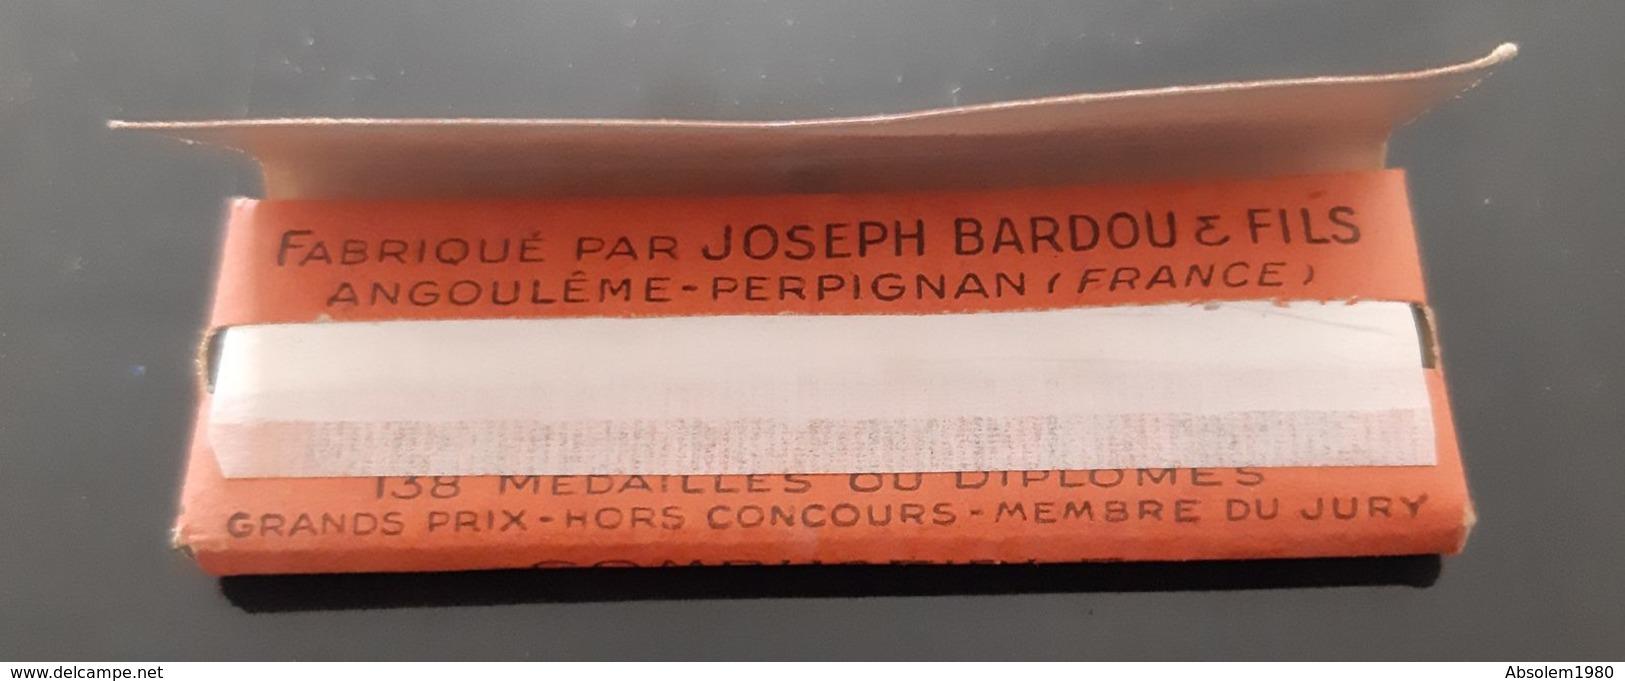 ANCIEN ROULEAU PAPIER A CIGARETTES LE NIL JOSEPH BARDOU & FILS GOMME ANTIQUE ROLLING PAPER TABAC TOBACCO TABACOLOGIE - Cigarettes - Accessoires